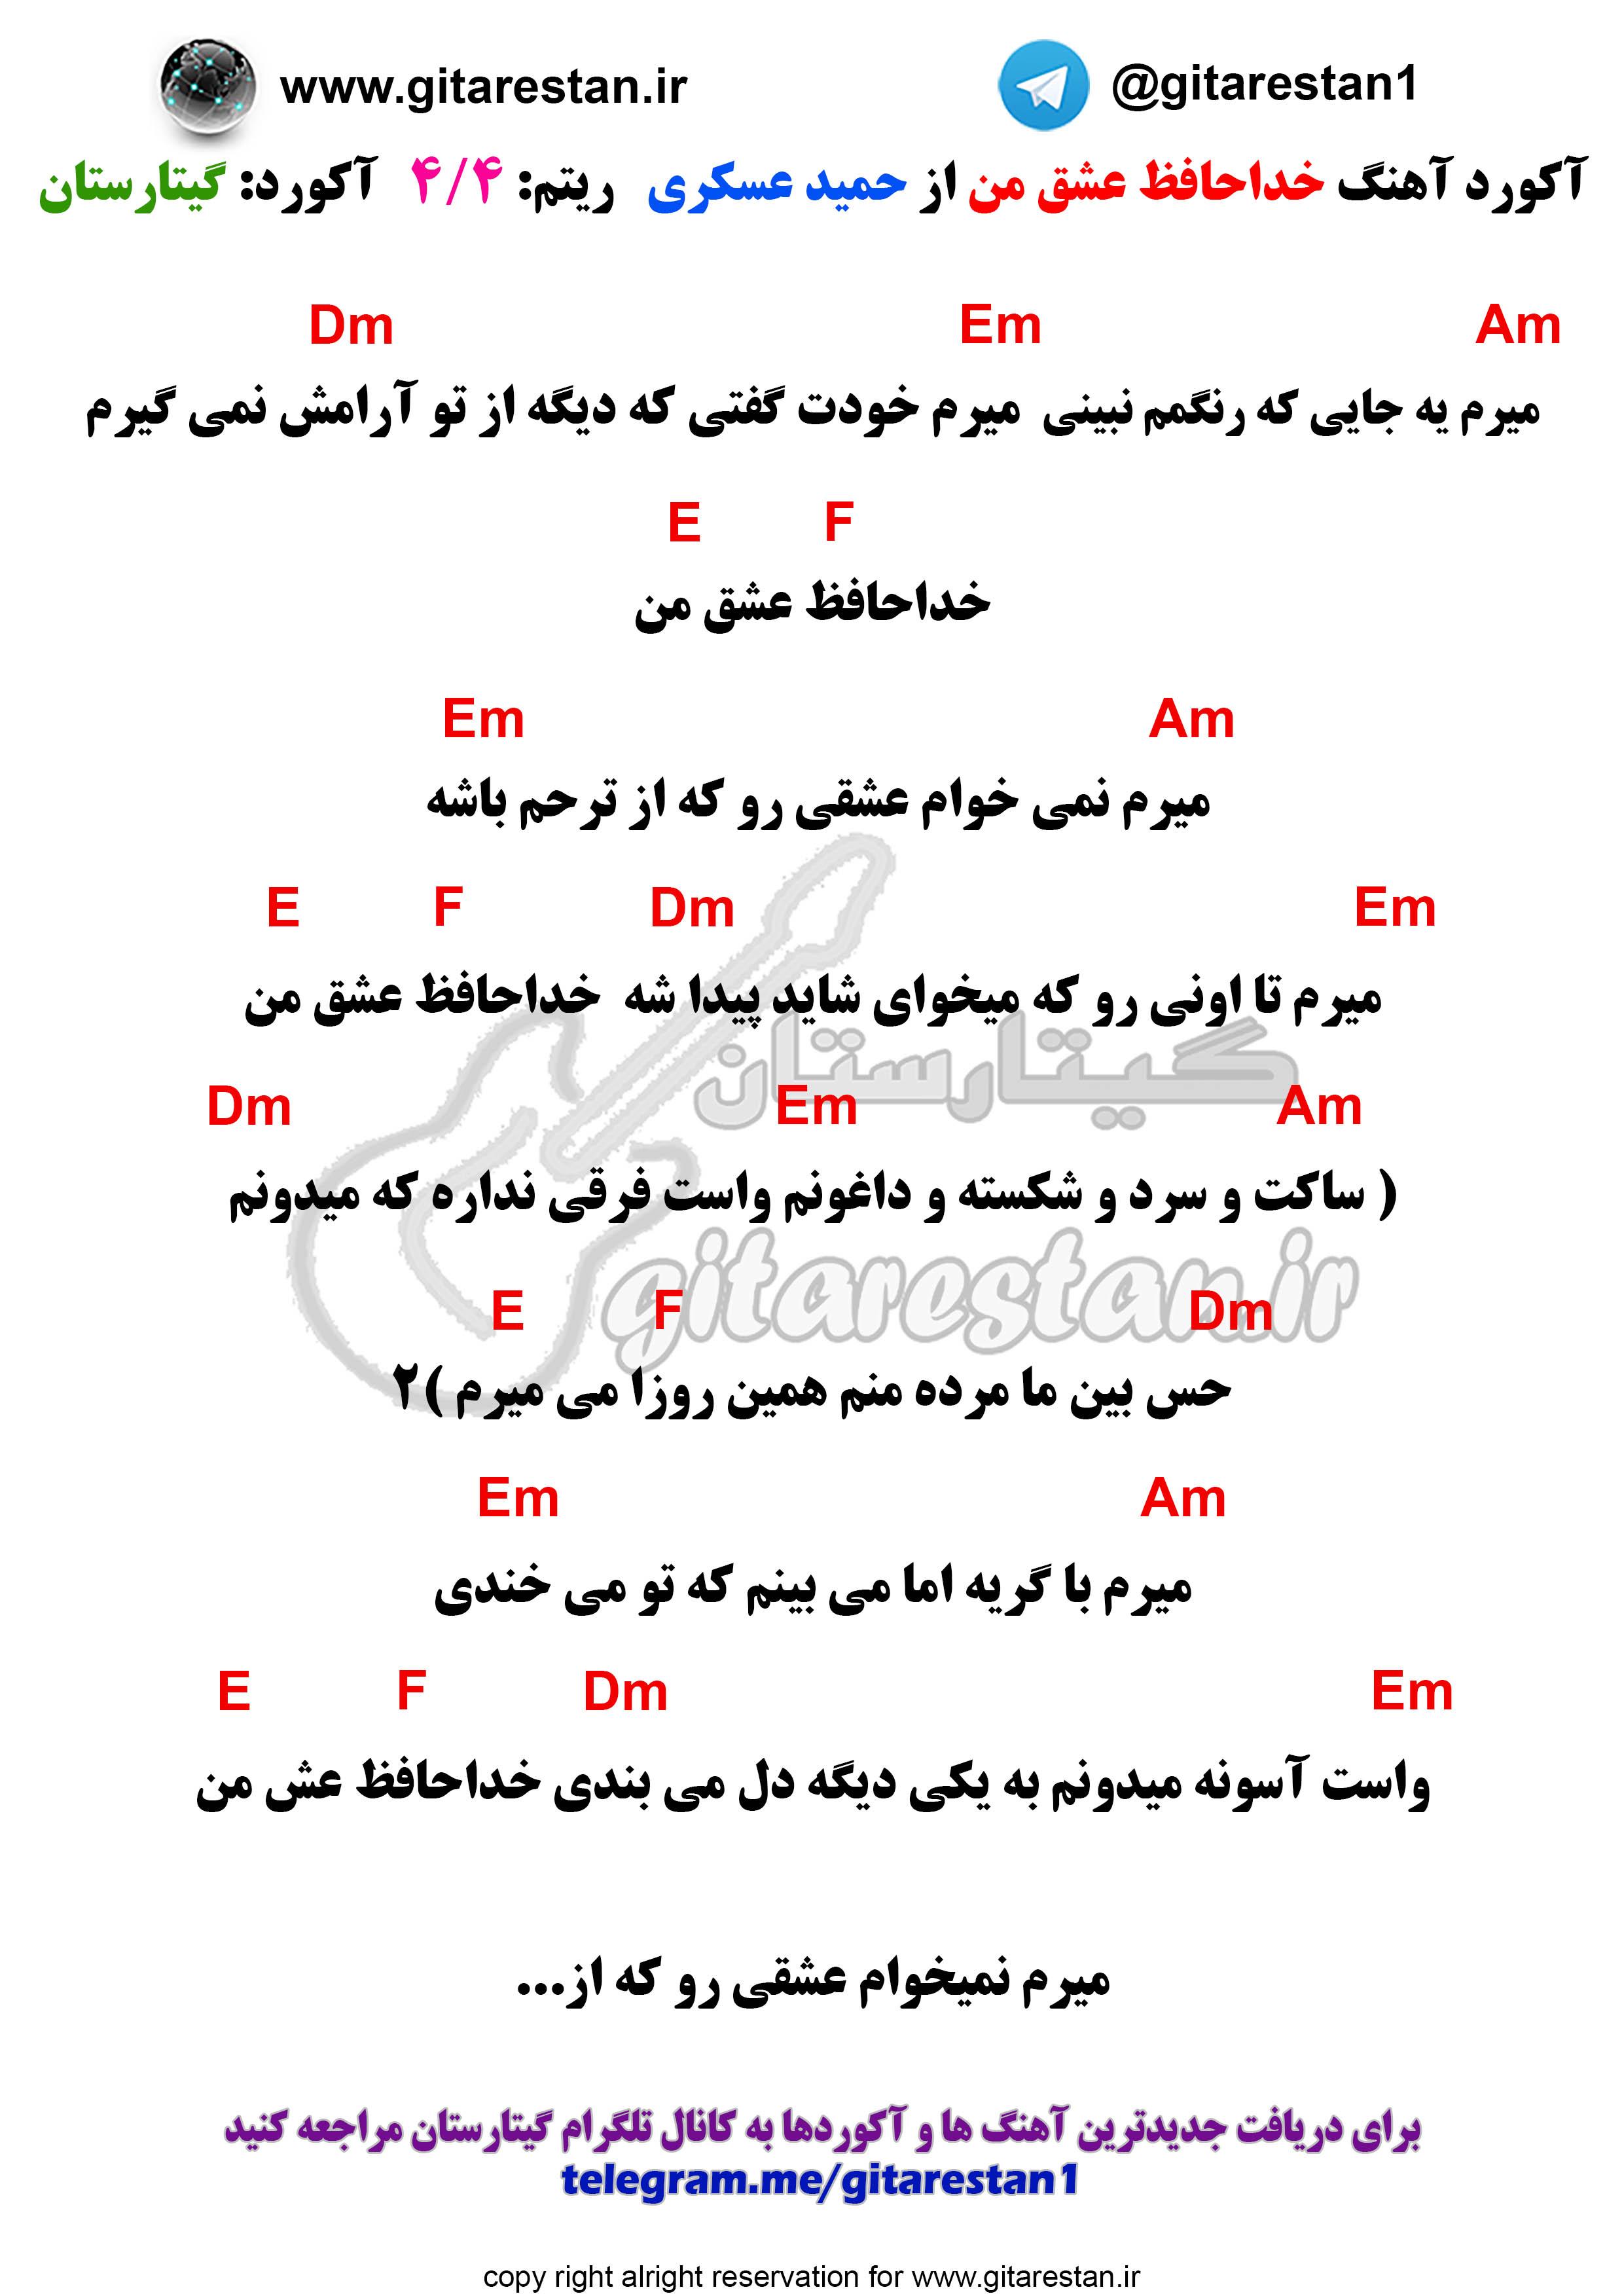 آکورد آهنگ خداحافظ عشق من از حمید عسگری